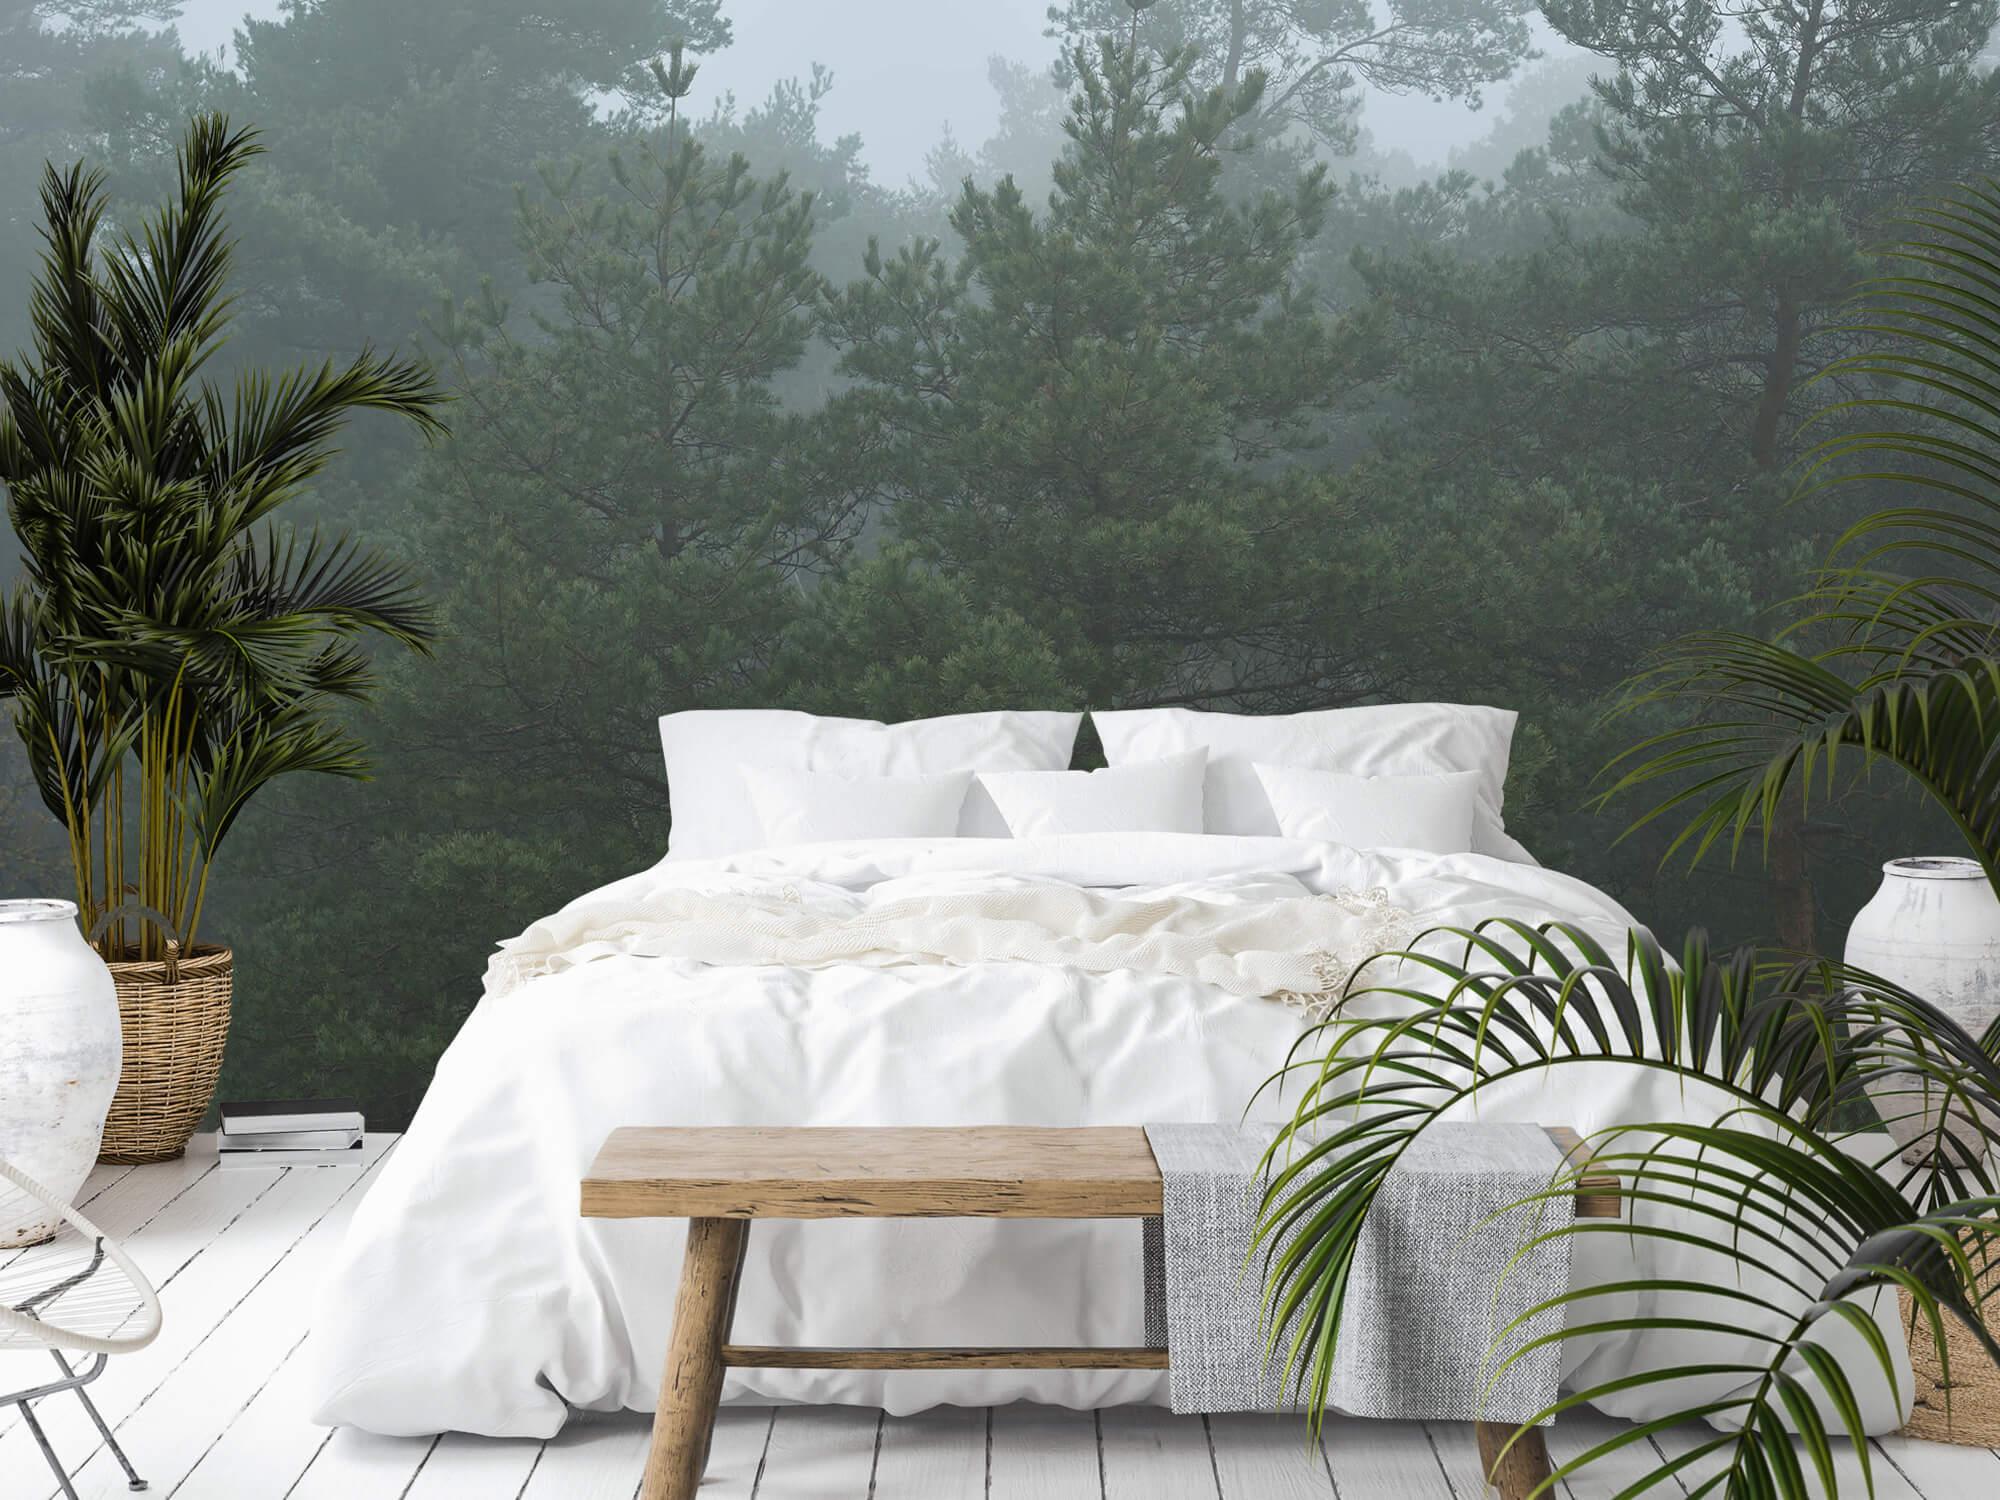 Natuur Naaldbomen in de mist 3